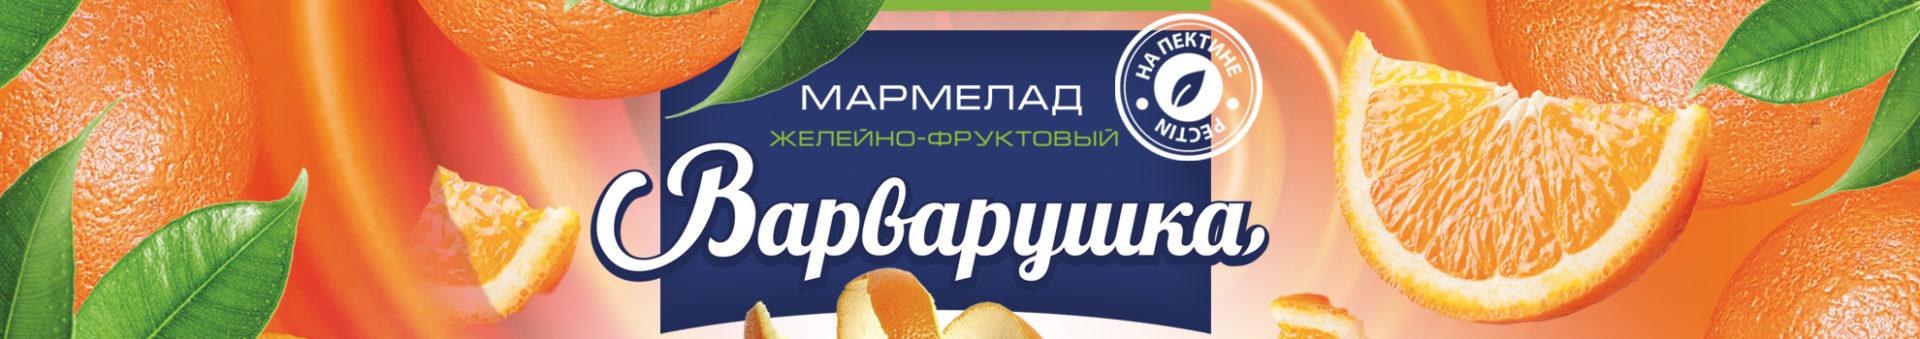 Рестайлинг мармелада «Варварушка»